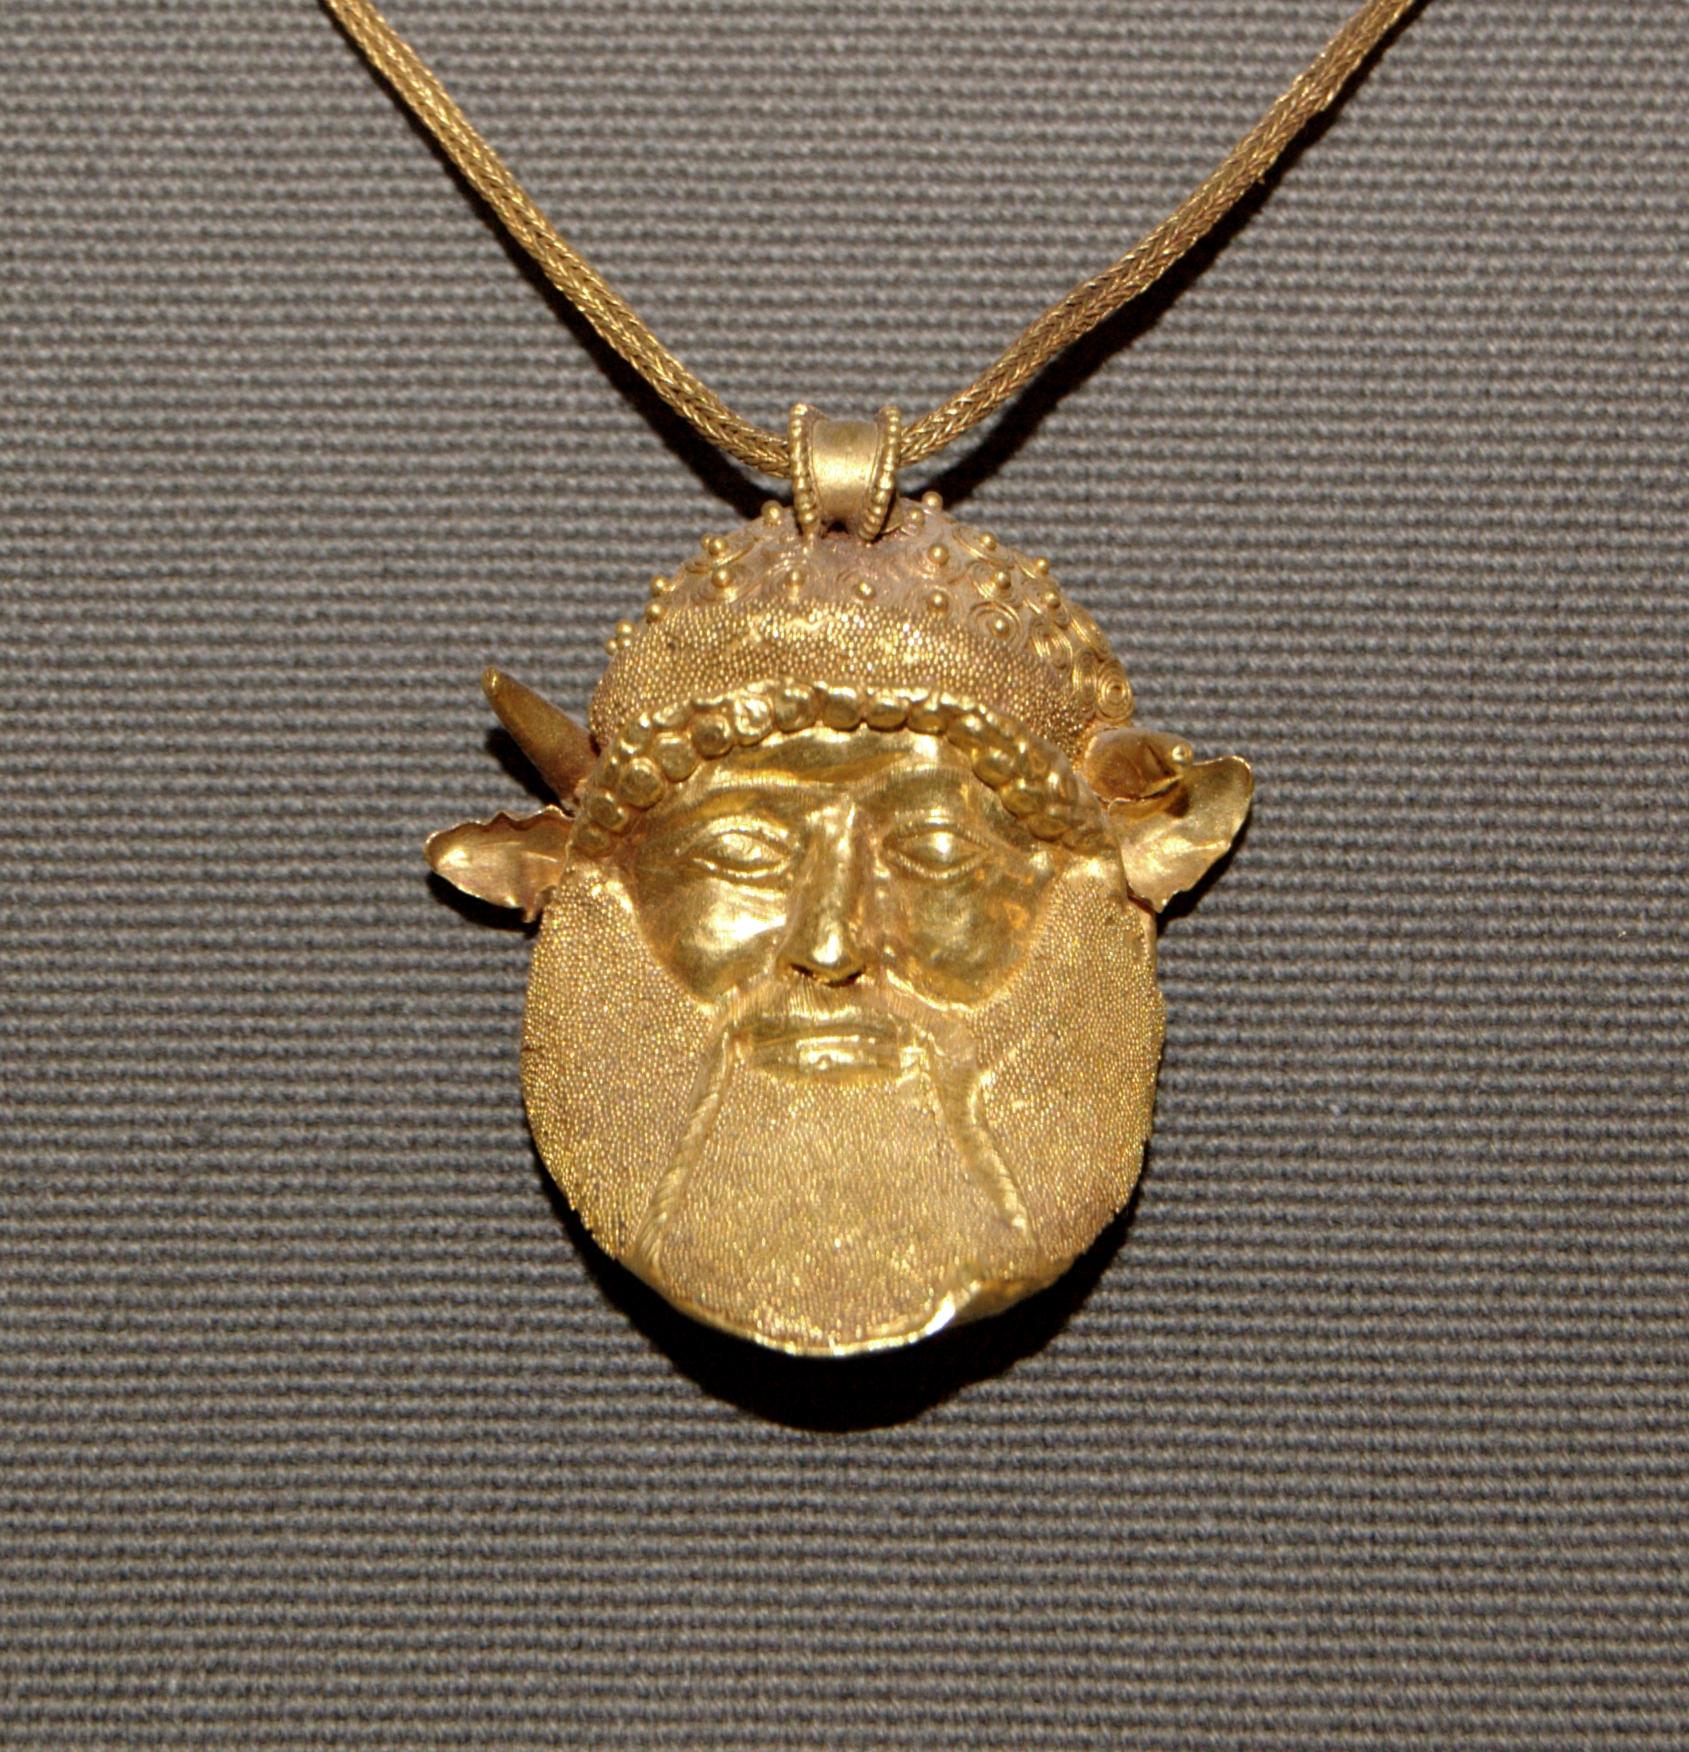 Фото древних золотых украшениях